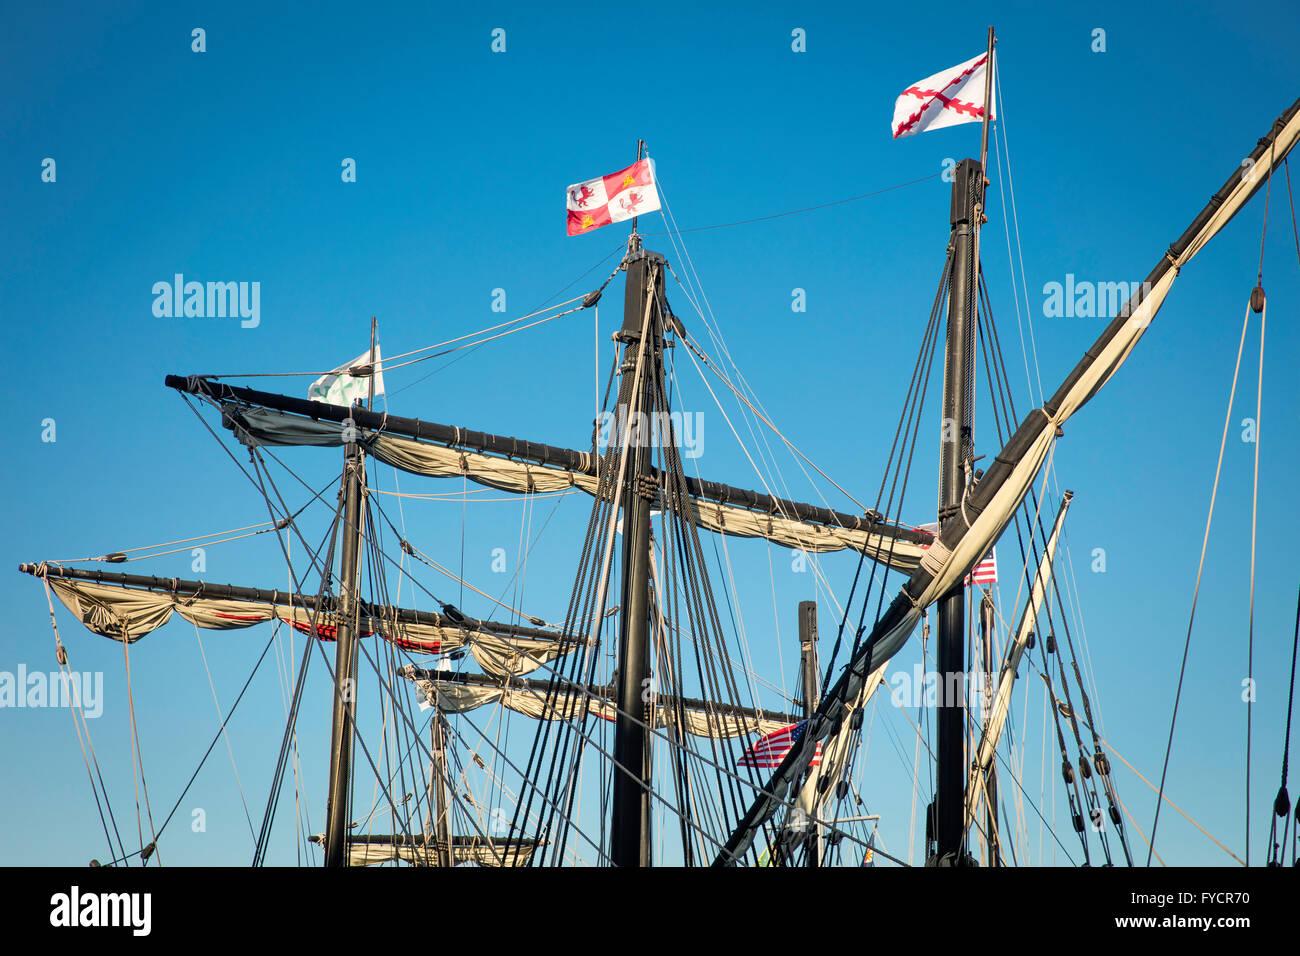 Repliken von Christopher Columbus' Schiffe, Nina und Pinta angedockt. in Ft Myers, Florida, USA Stockbild